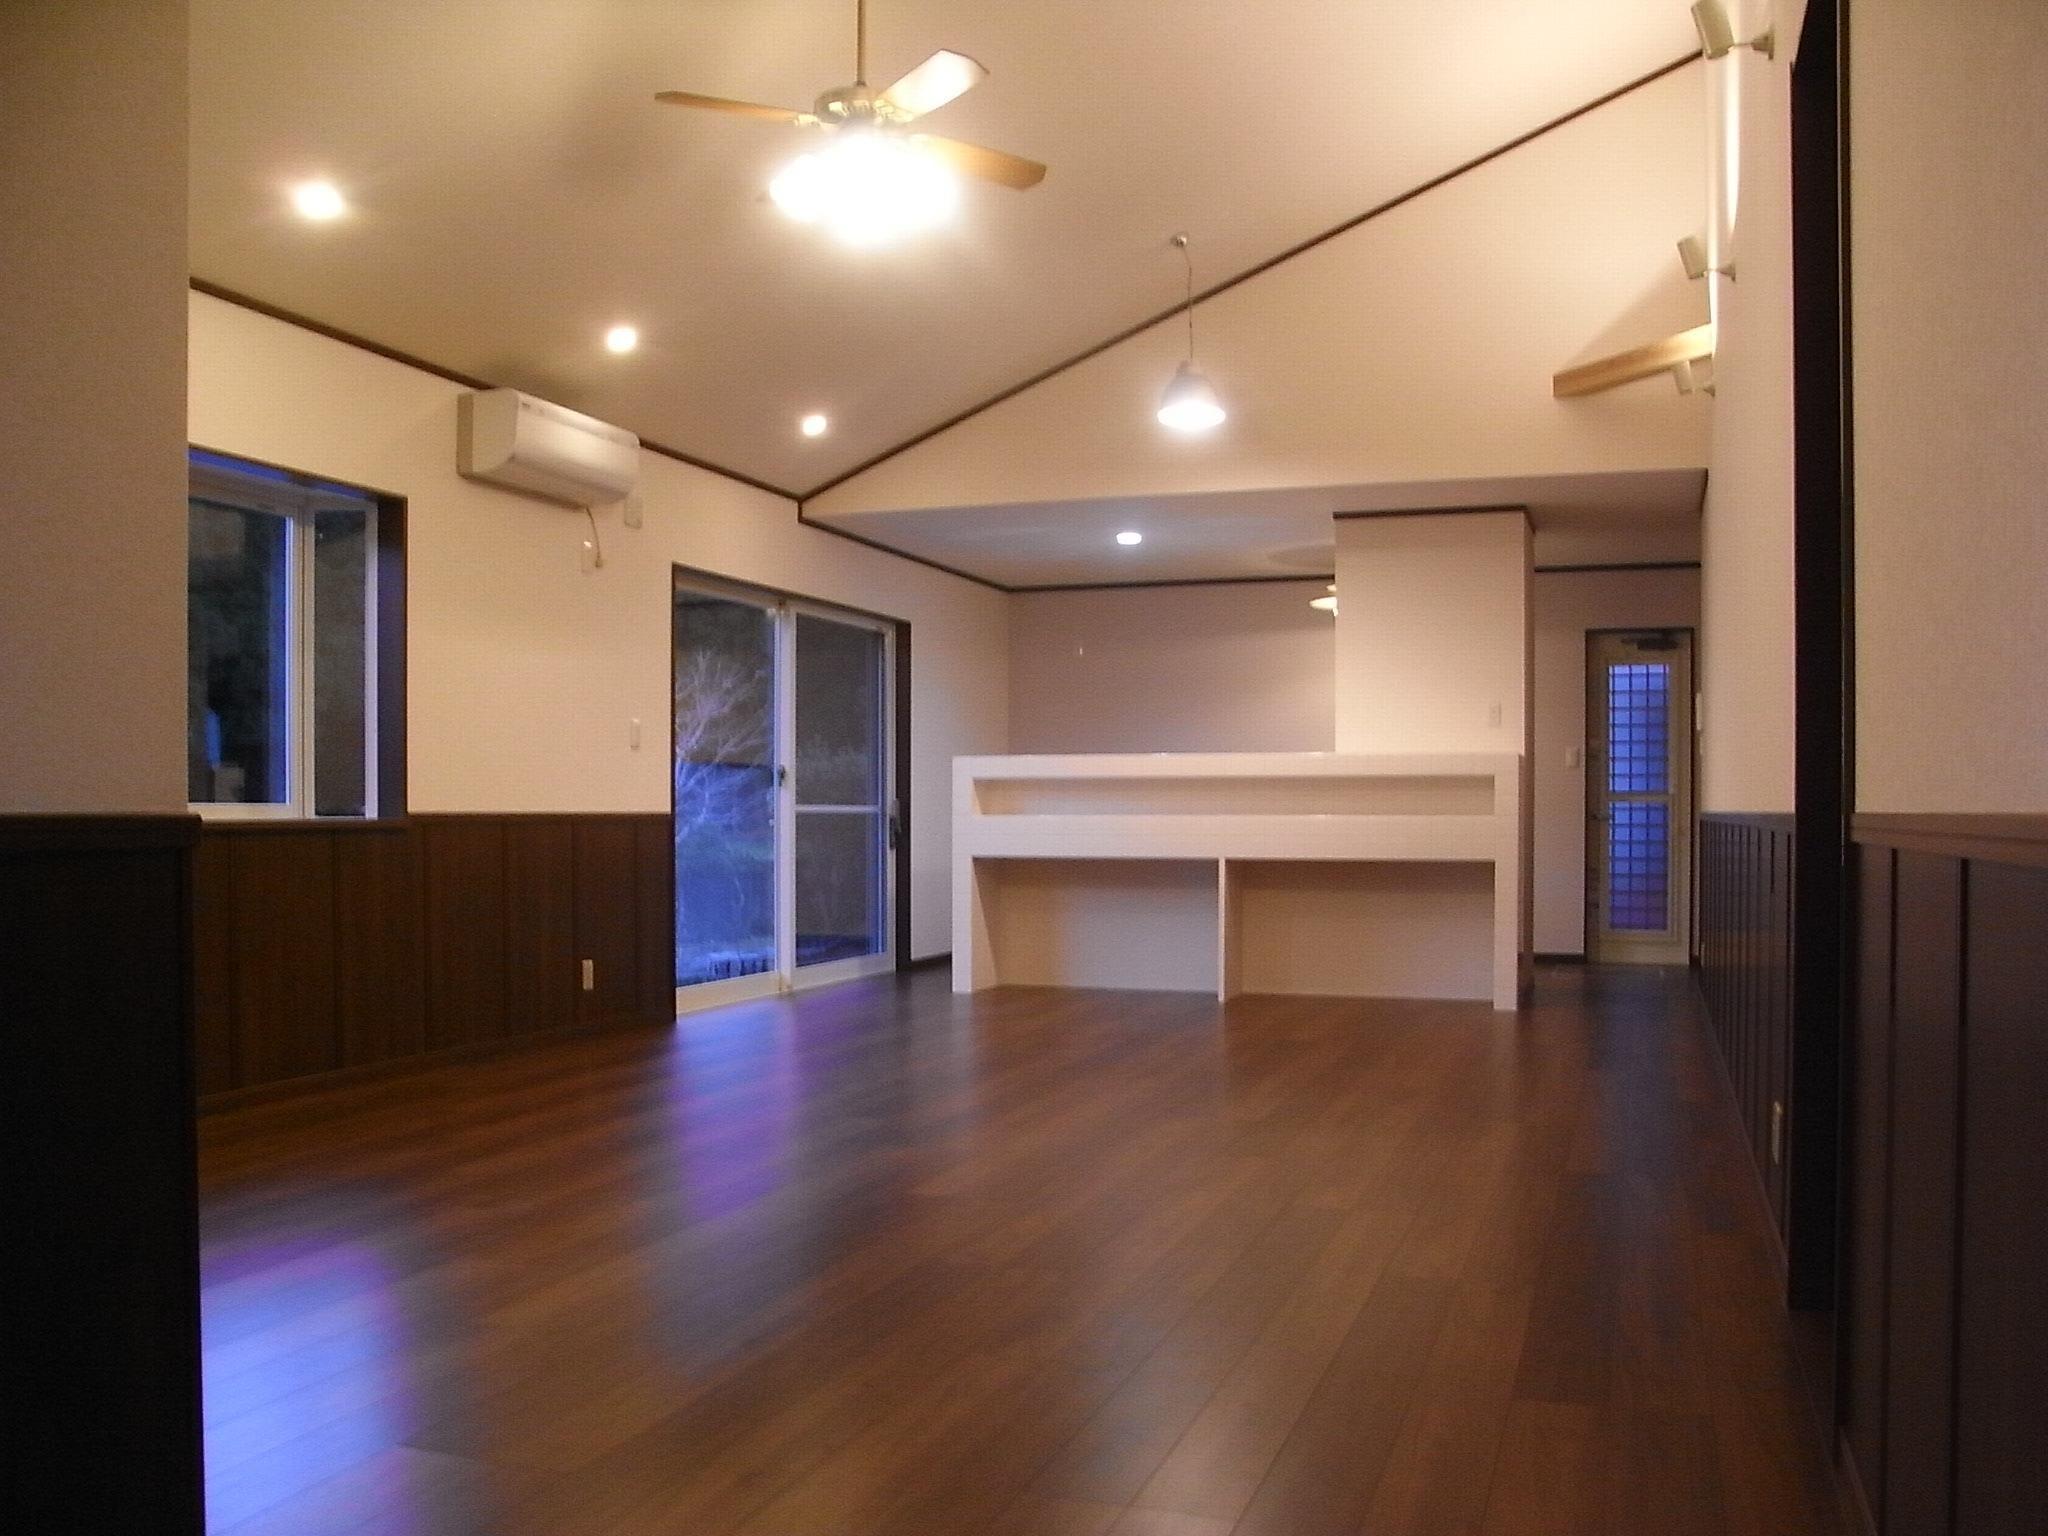 広いリビングにお洒落なキッチンのある平屋建て 宮崎県 ピースホーム